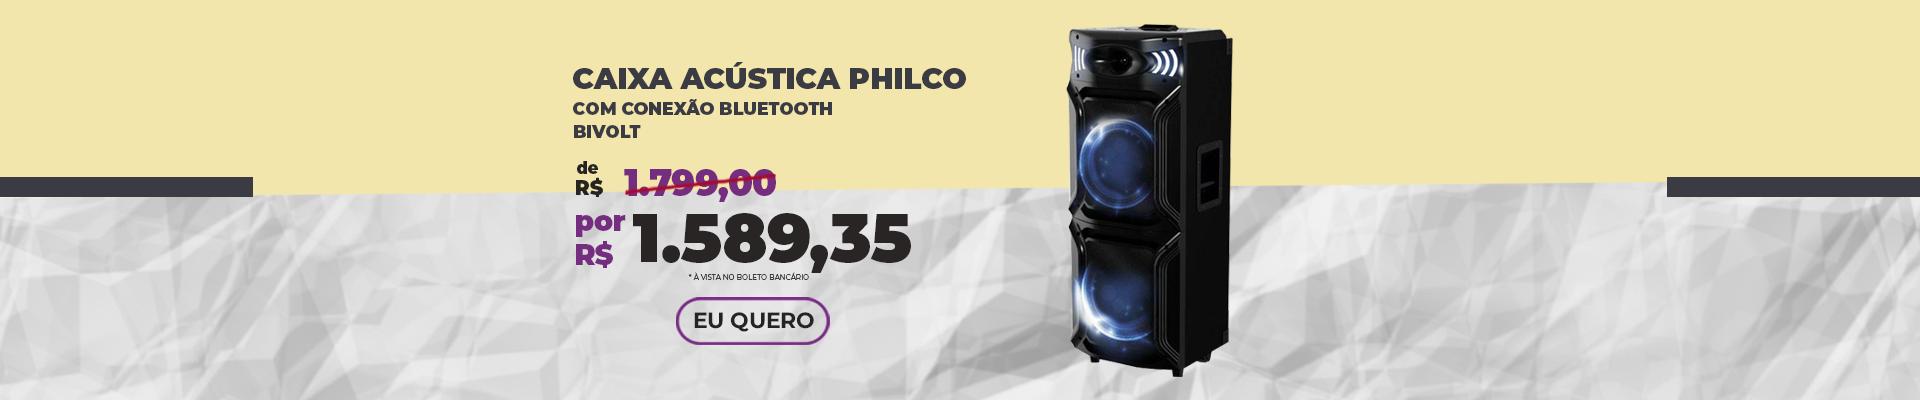 JANEIRO - Caixa de Som Philco